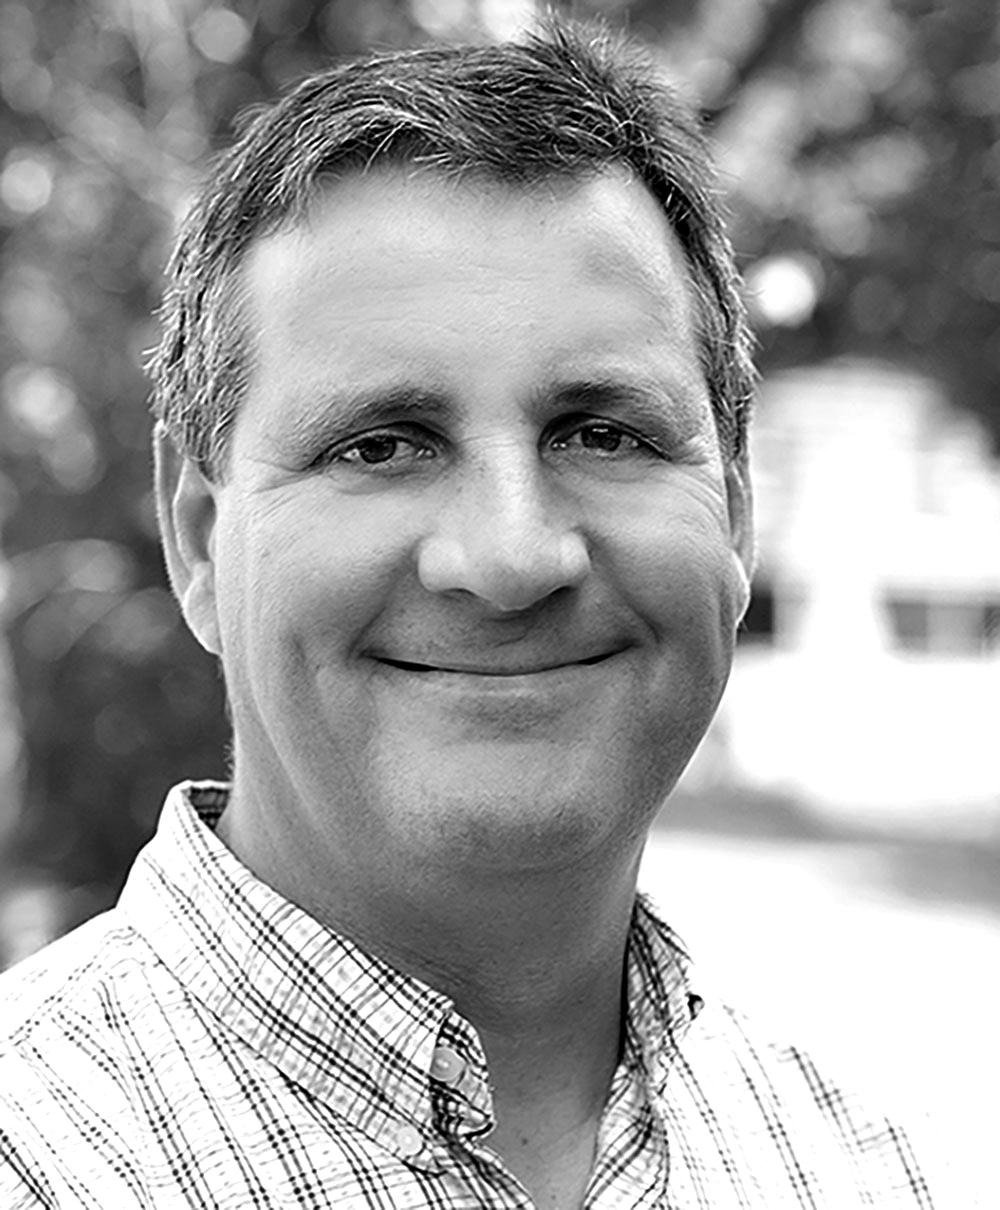 Headshot of Mitch Altier